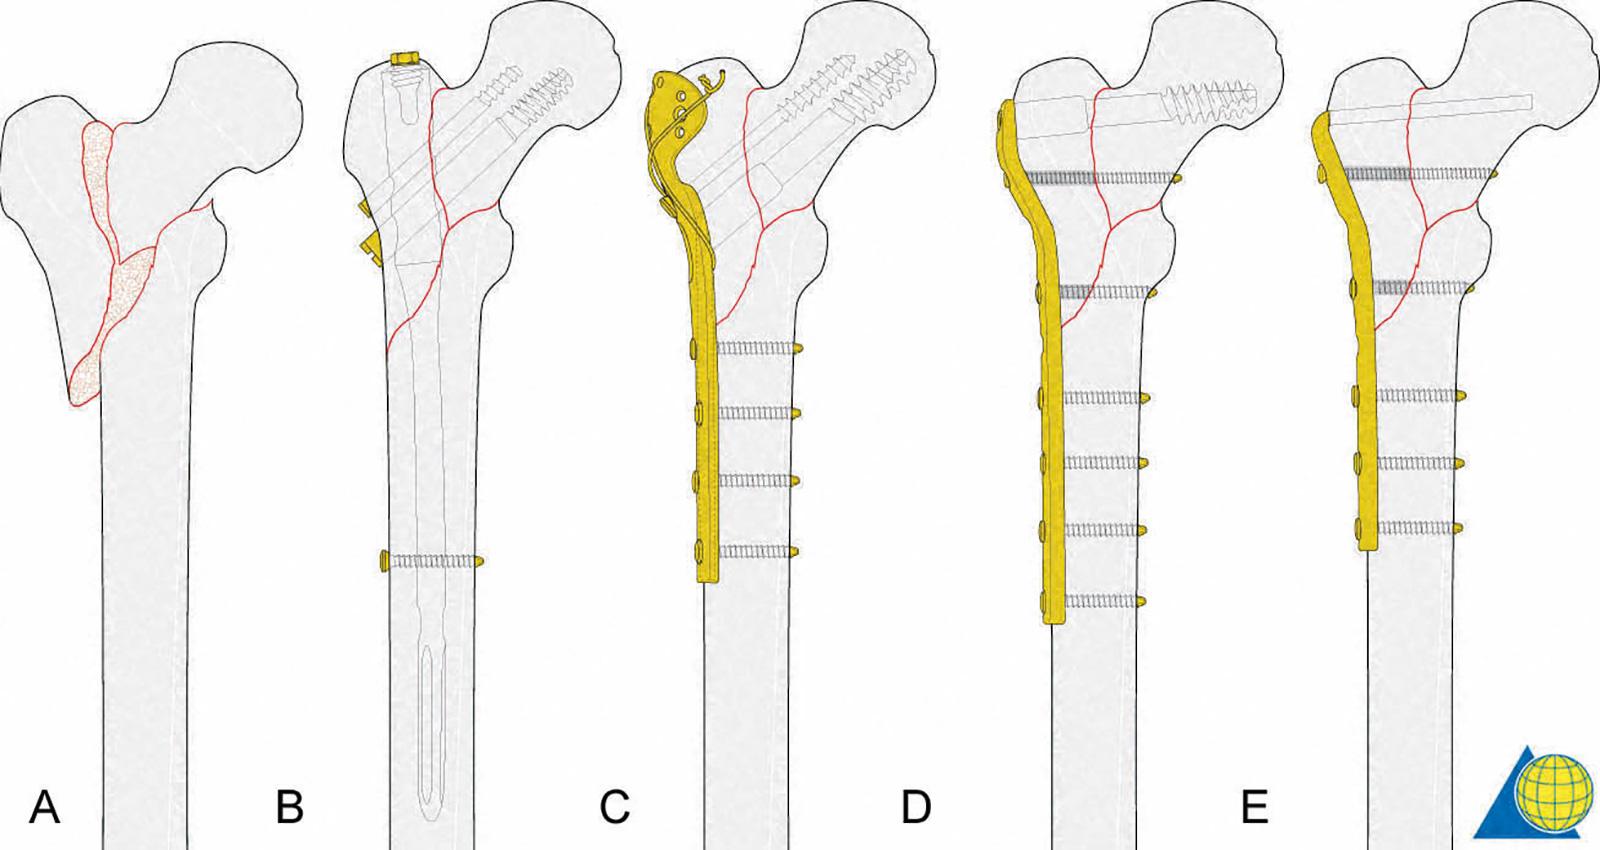 Abb. 3-33: Intertrochantäre Fraktur vom Typ A3 (A), Fixierung mit: einem PFN Proximal Femur Nagel (B), mit einer DHS dynamischen Hüftschraube mit Trochanterplatte (C), Dynamische Kondylenschraube (DCS) (D) oder einer Winkelplatte (E) (mit freundlicher Gen